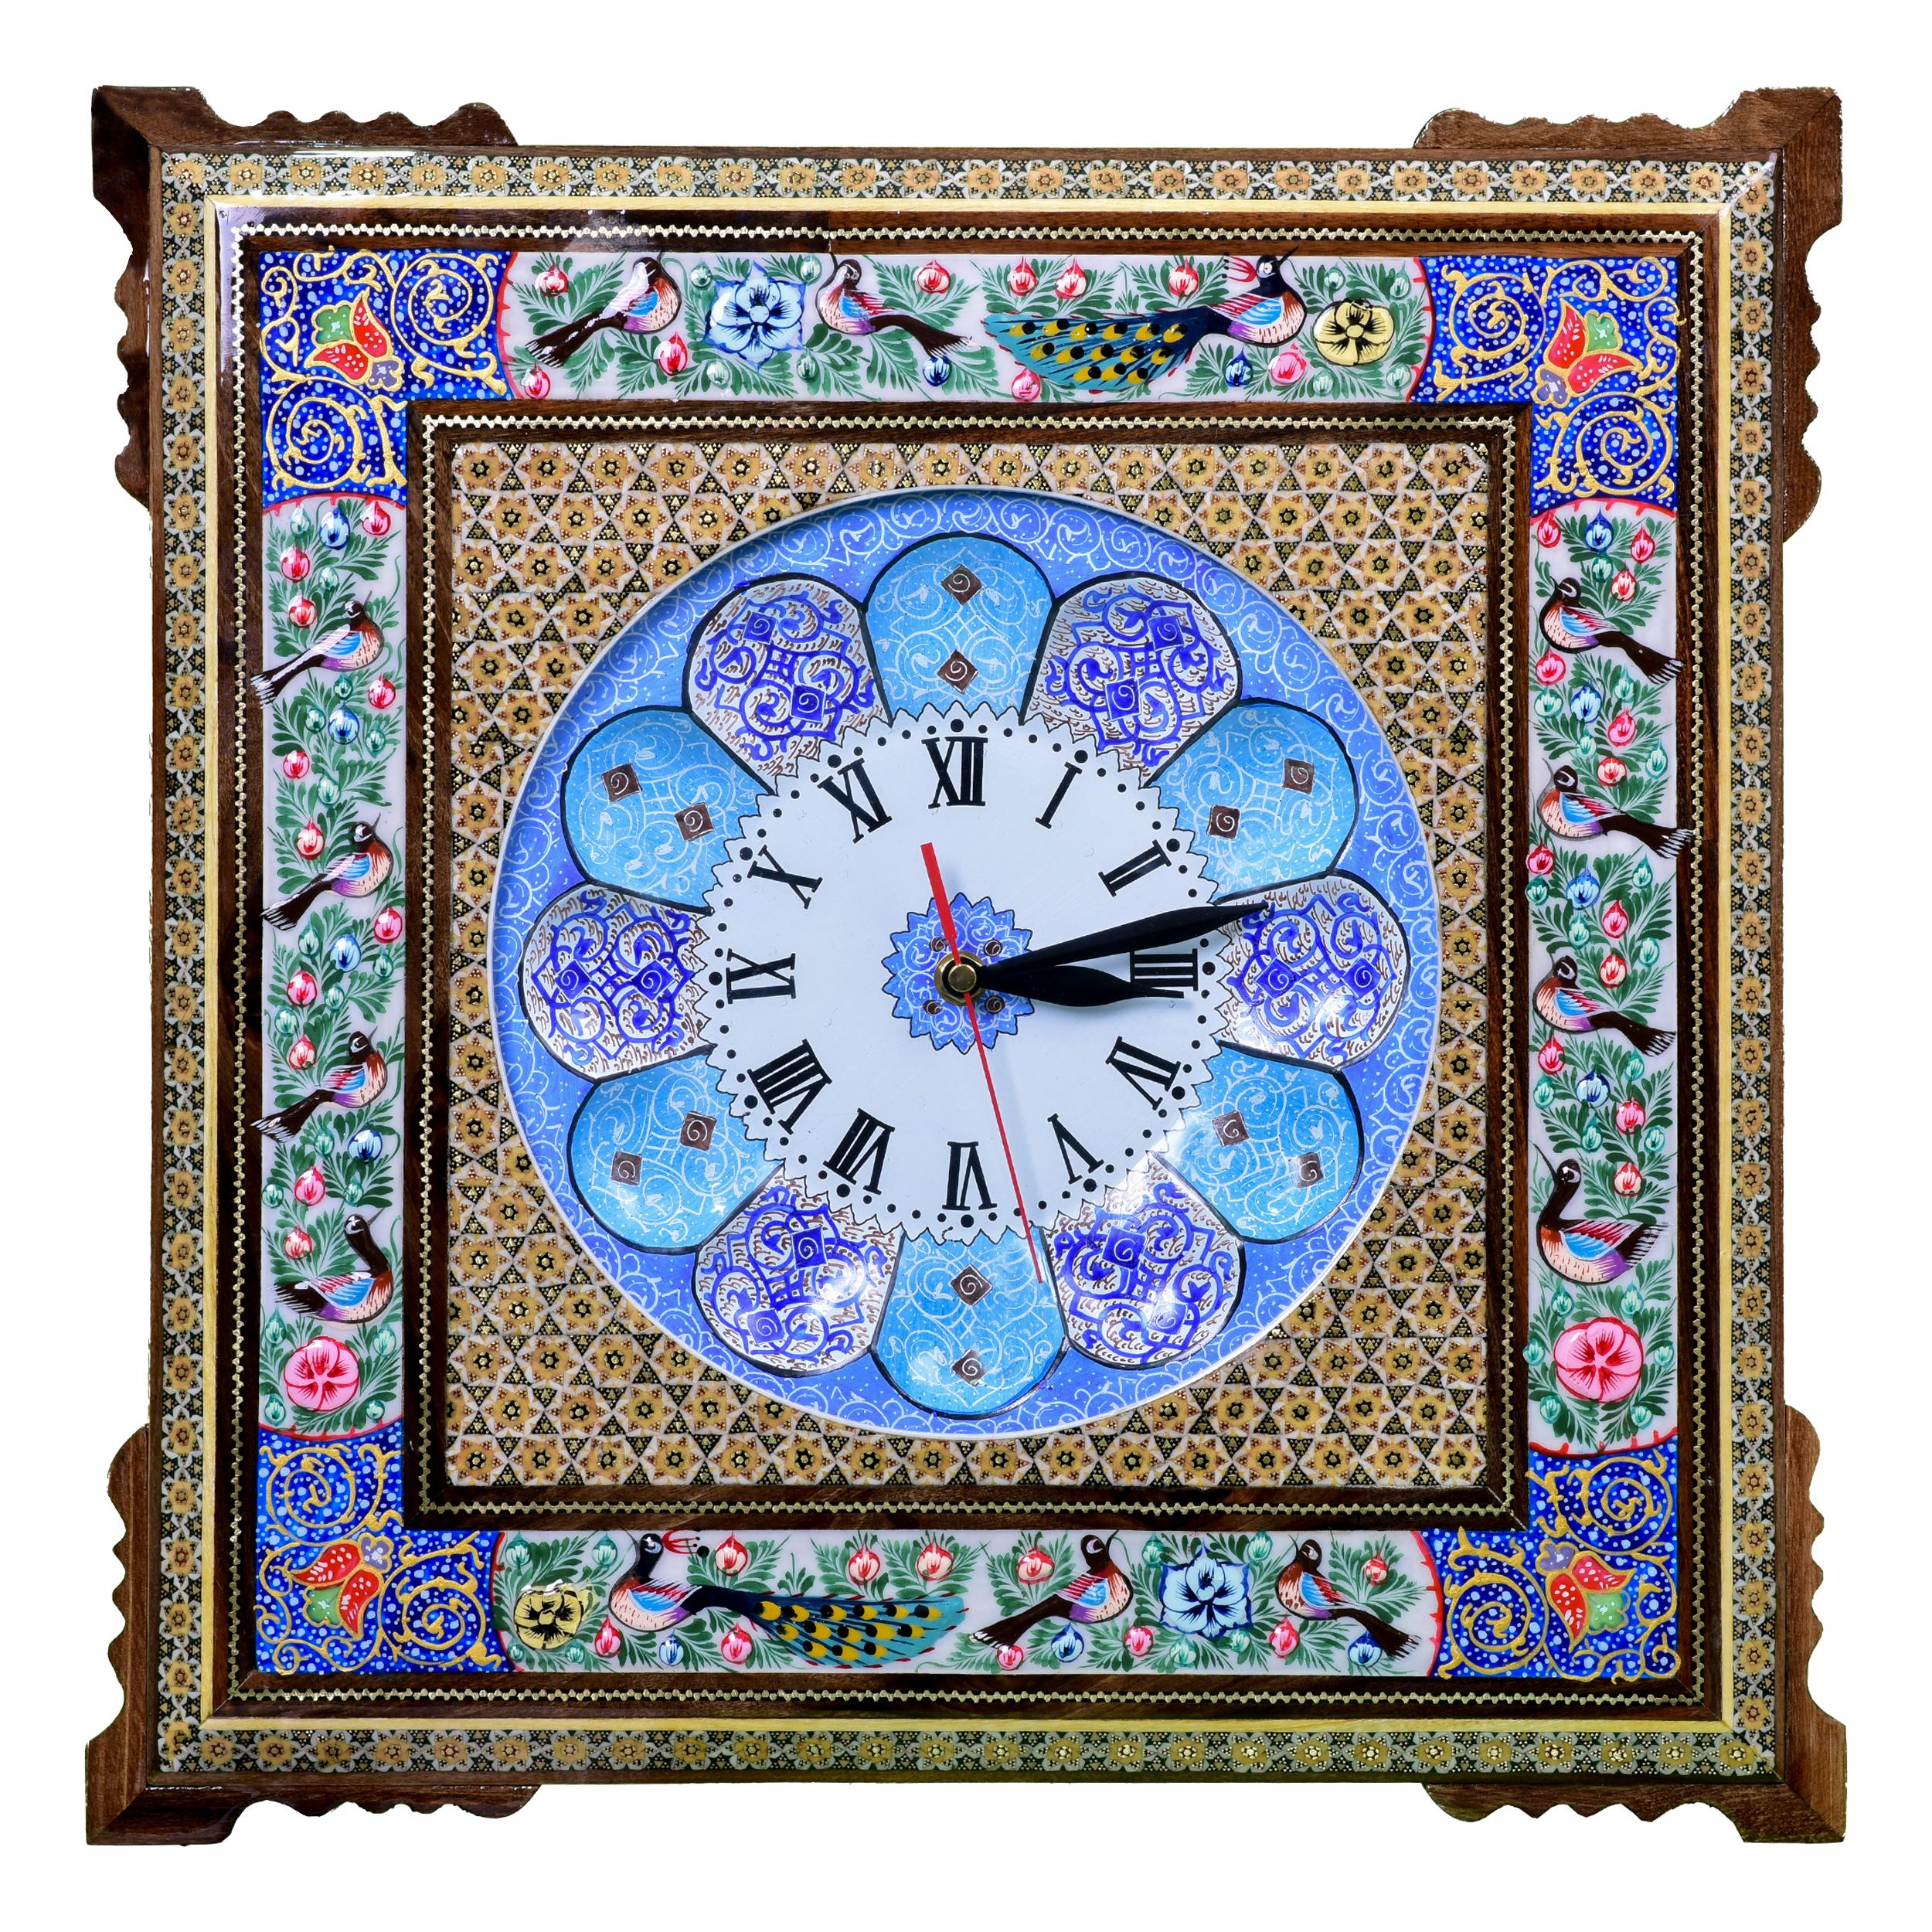 ساعت خاتم کاری مدل گل و مرغ کد 4444